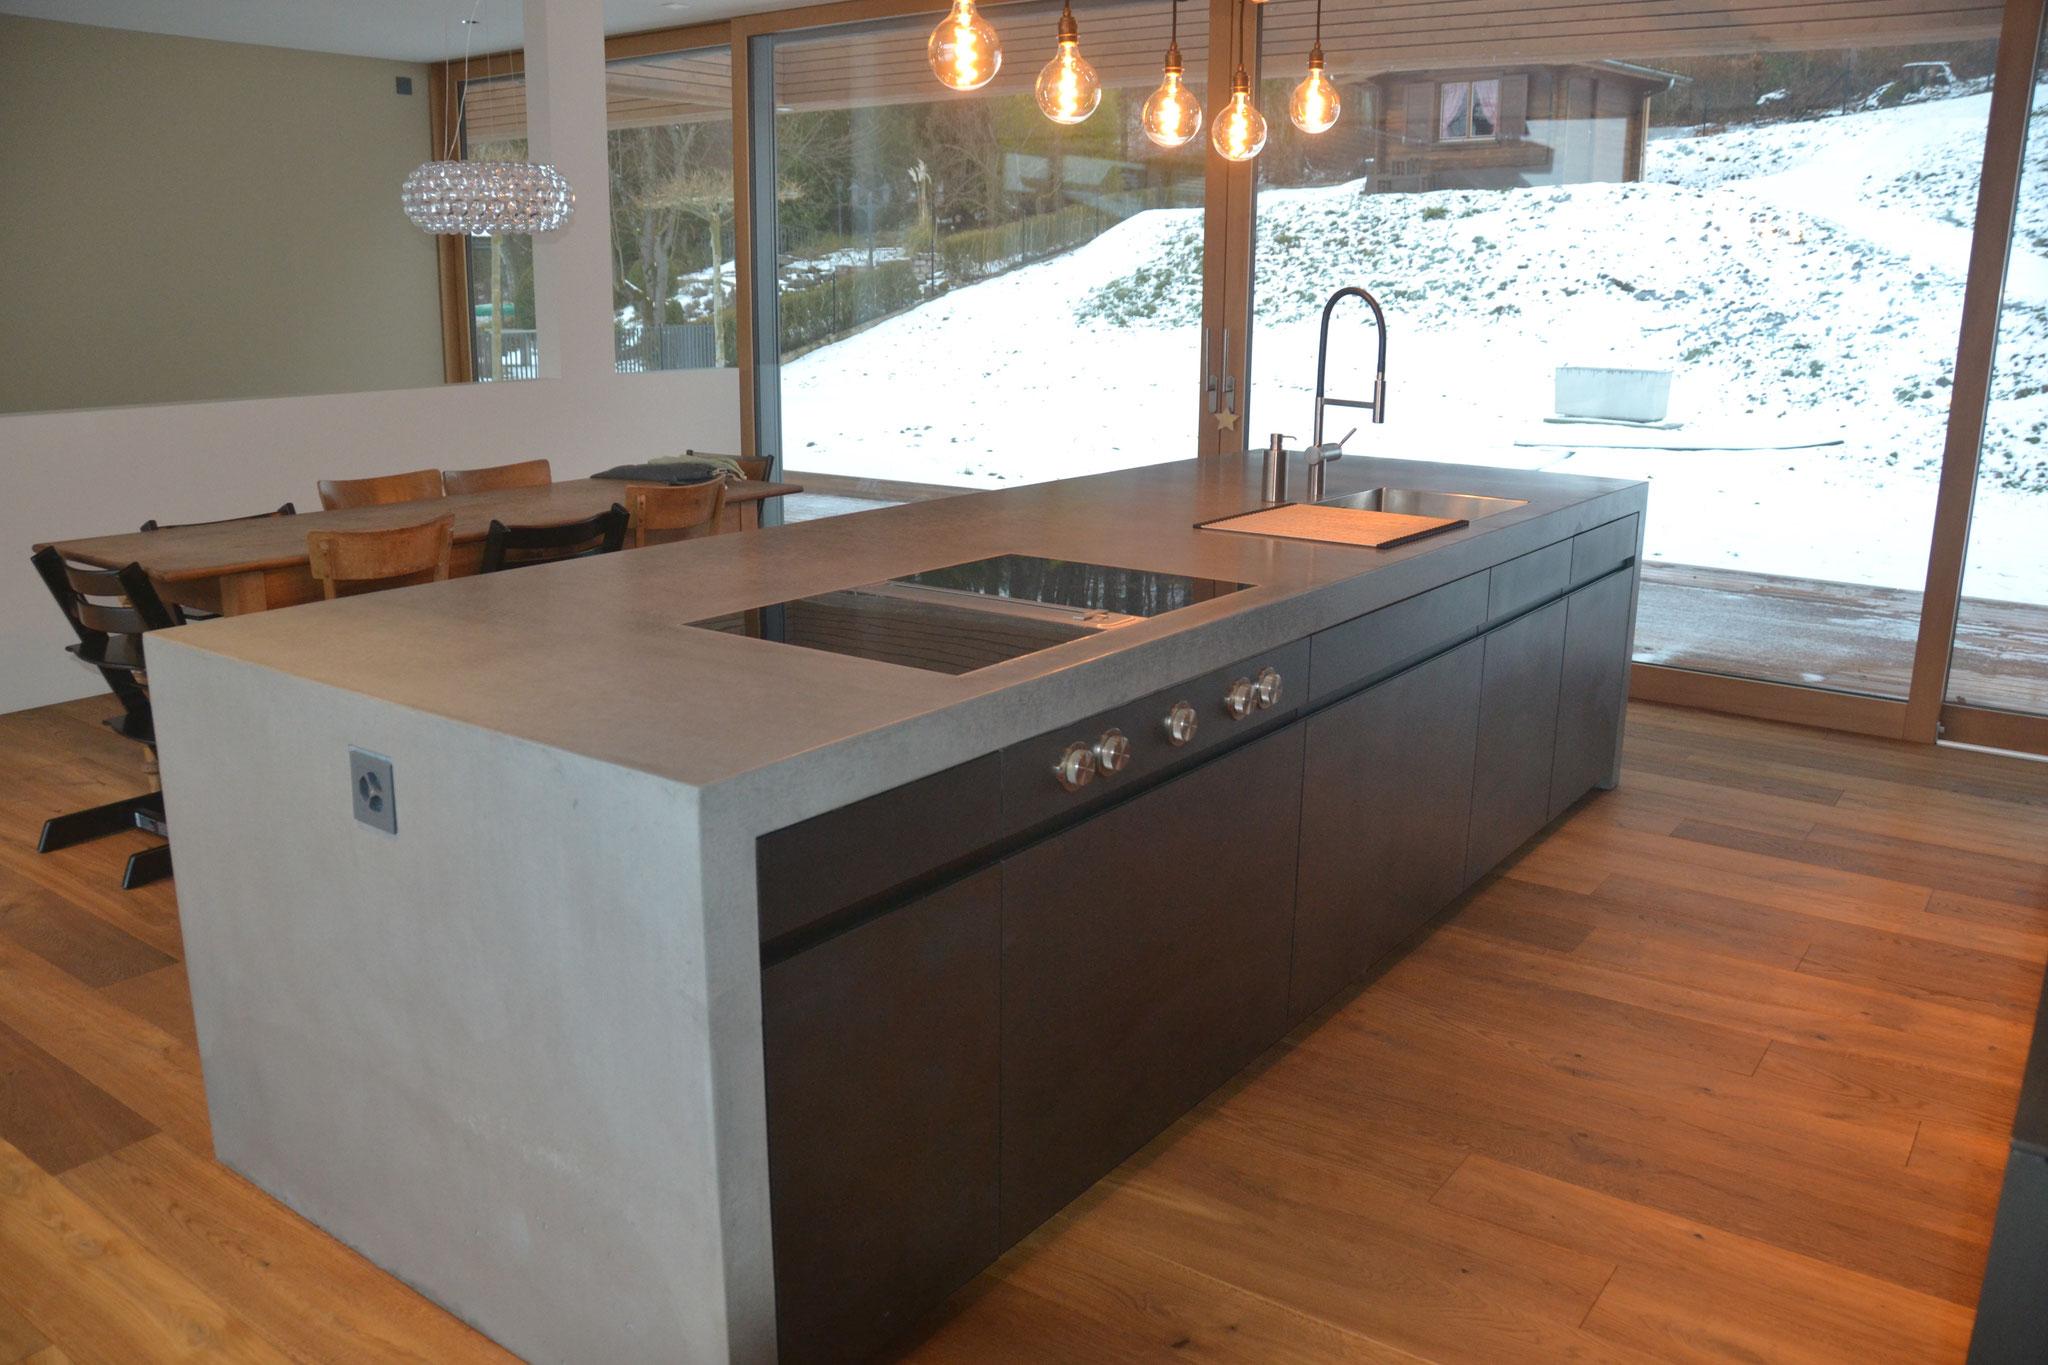 Kücheninseln aus Beton - Nonnast raum&beton design